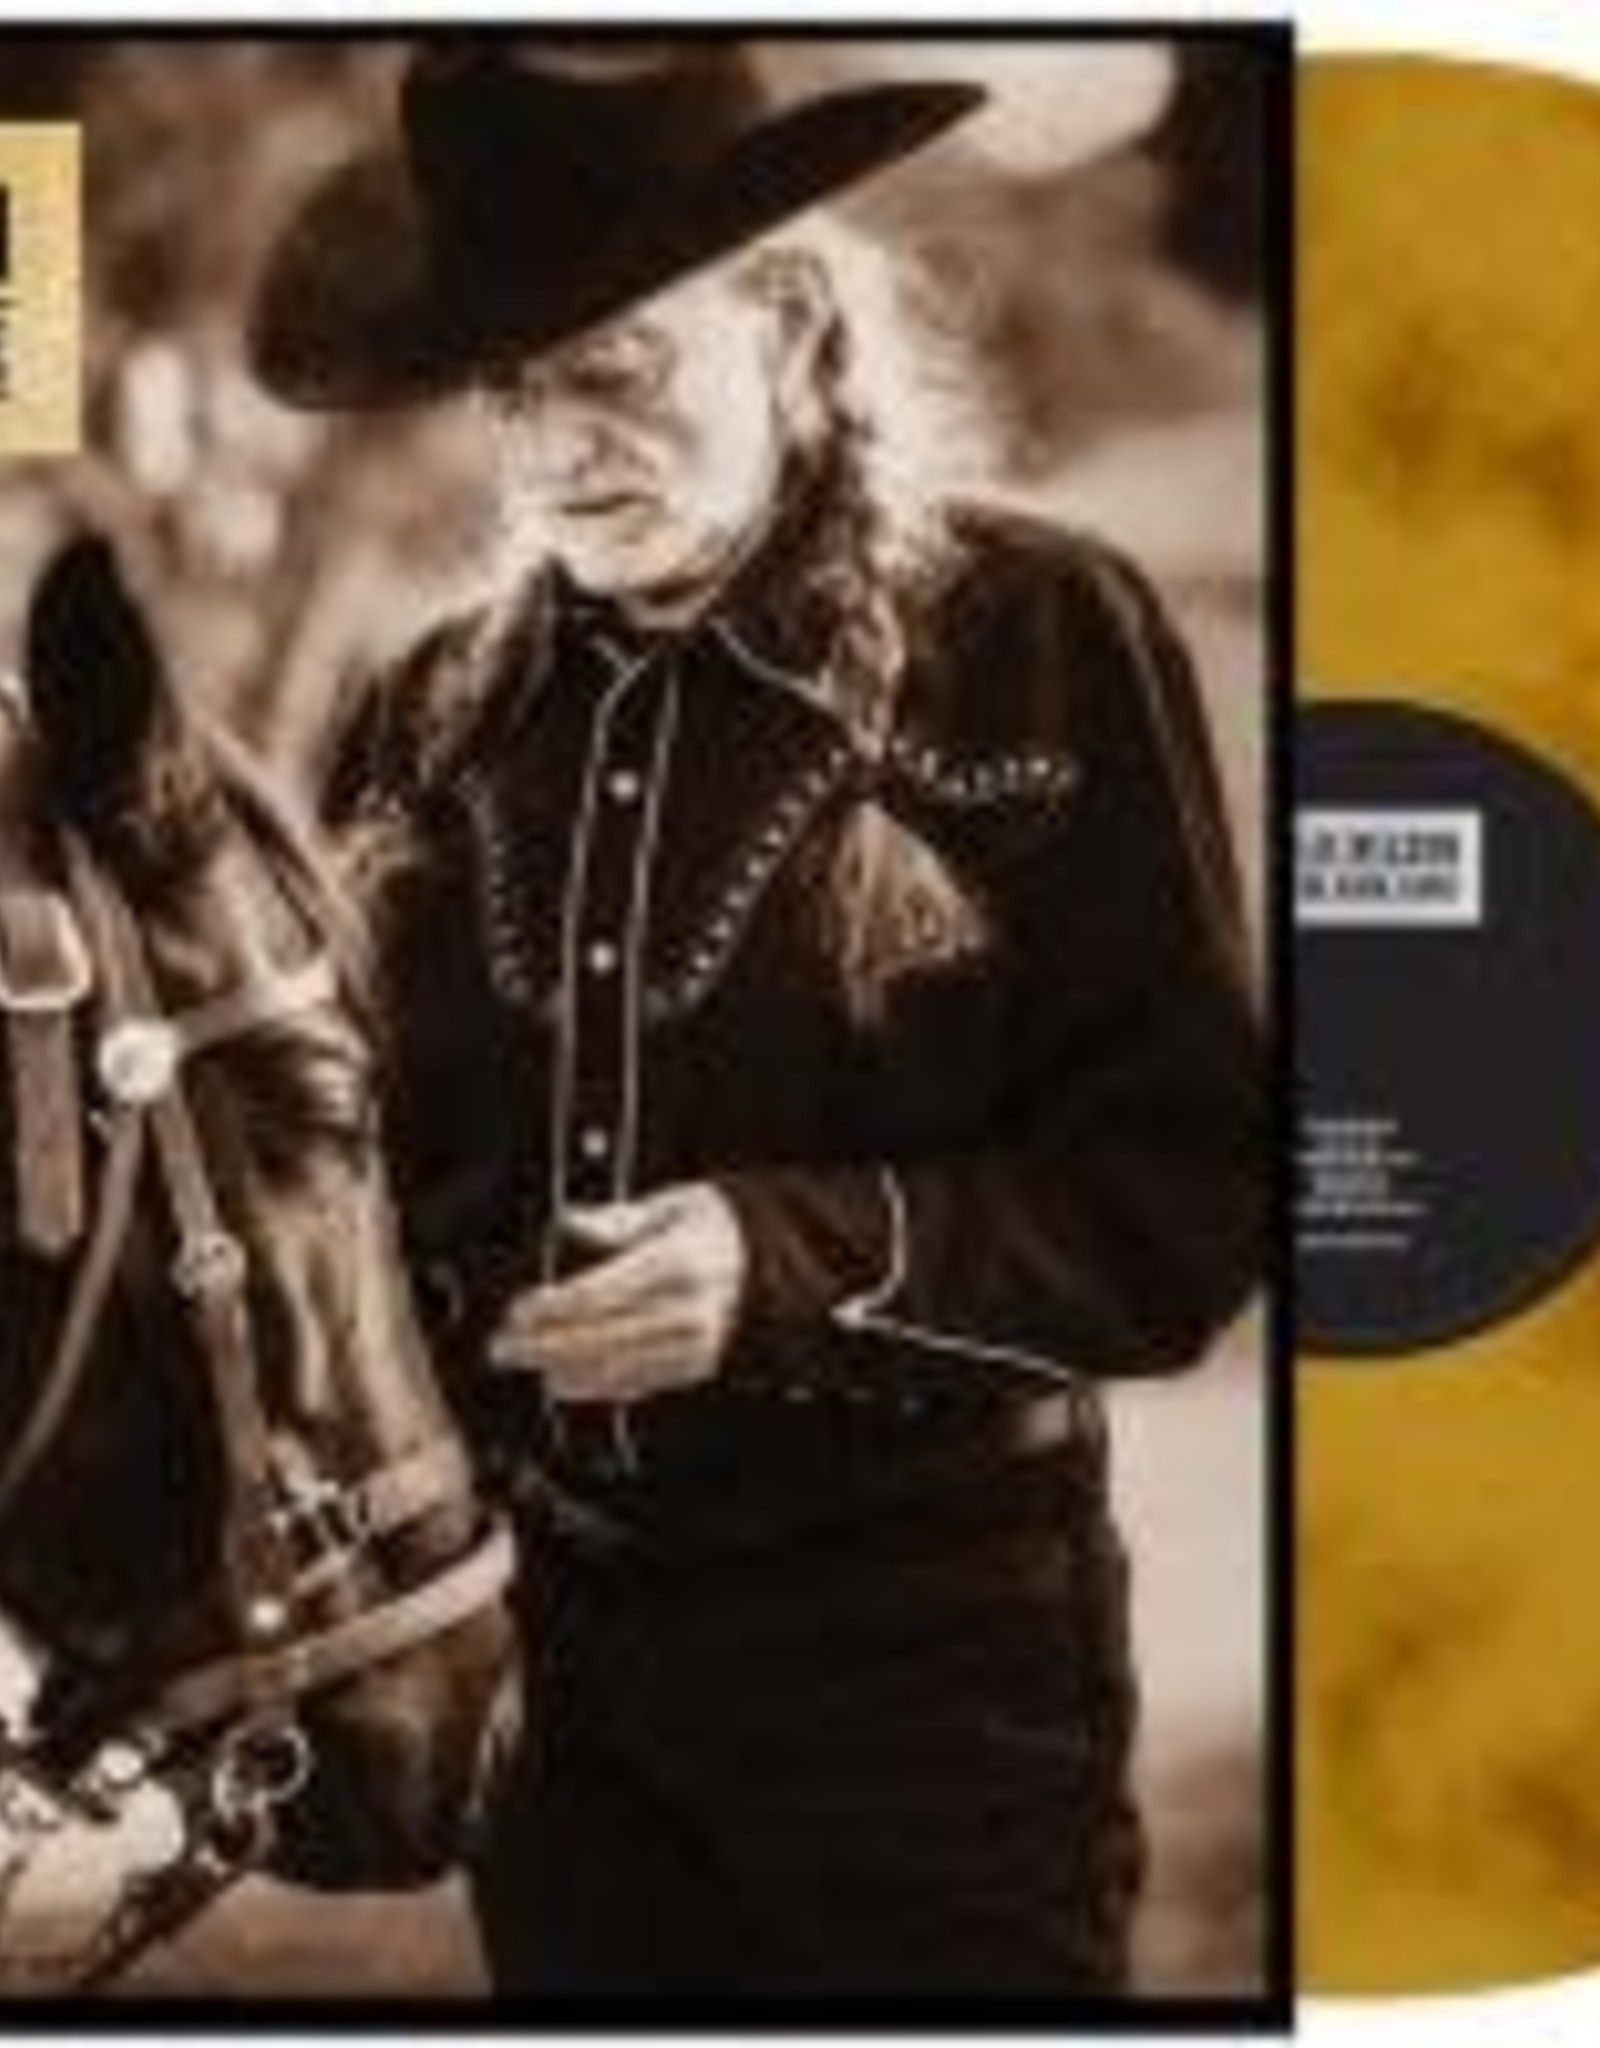 Willie Nelson - Ride Me Back Home [Gold Vinyl]